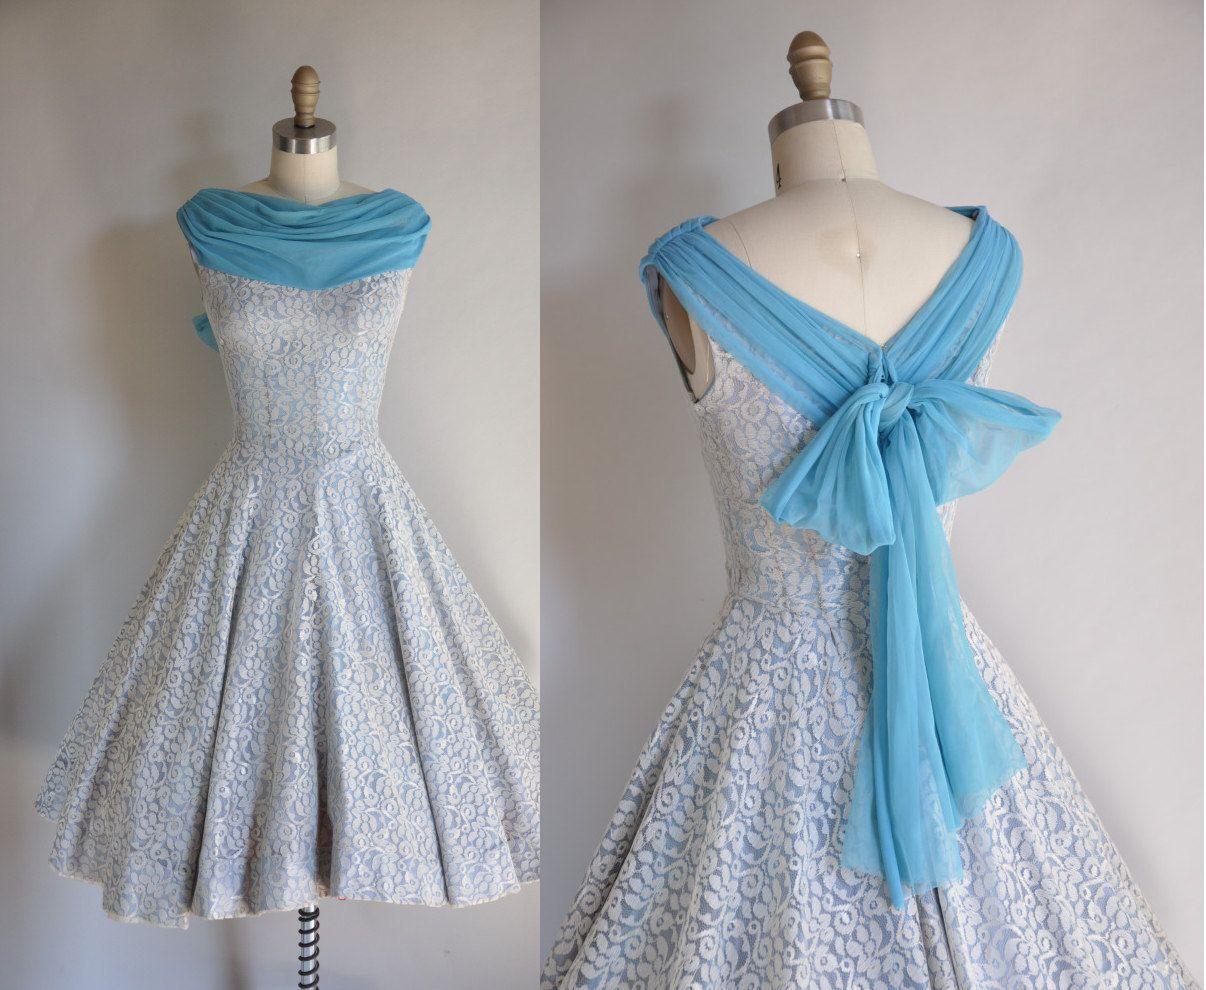 R e s e r v e ds vintage party prom dress s blue lace